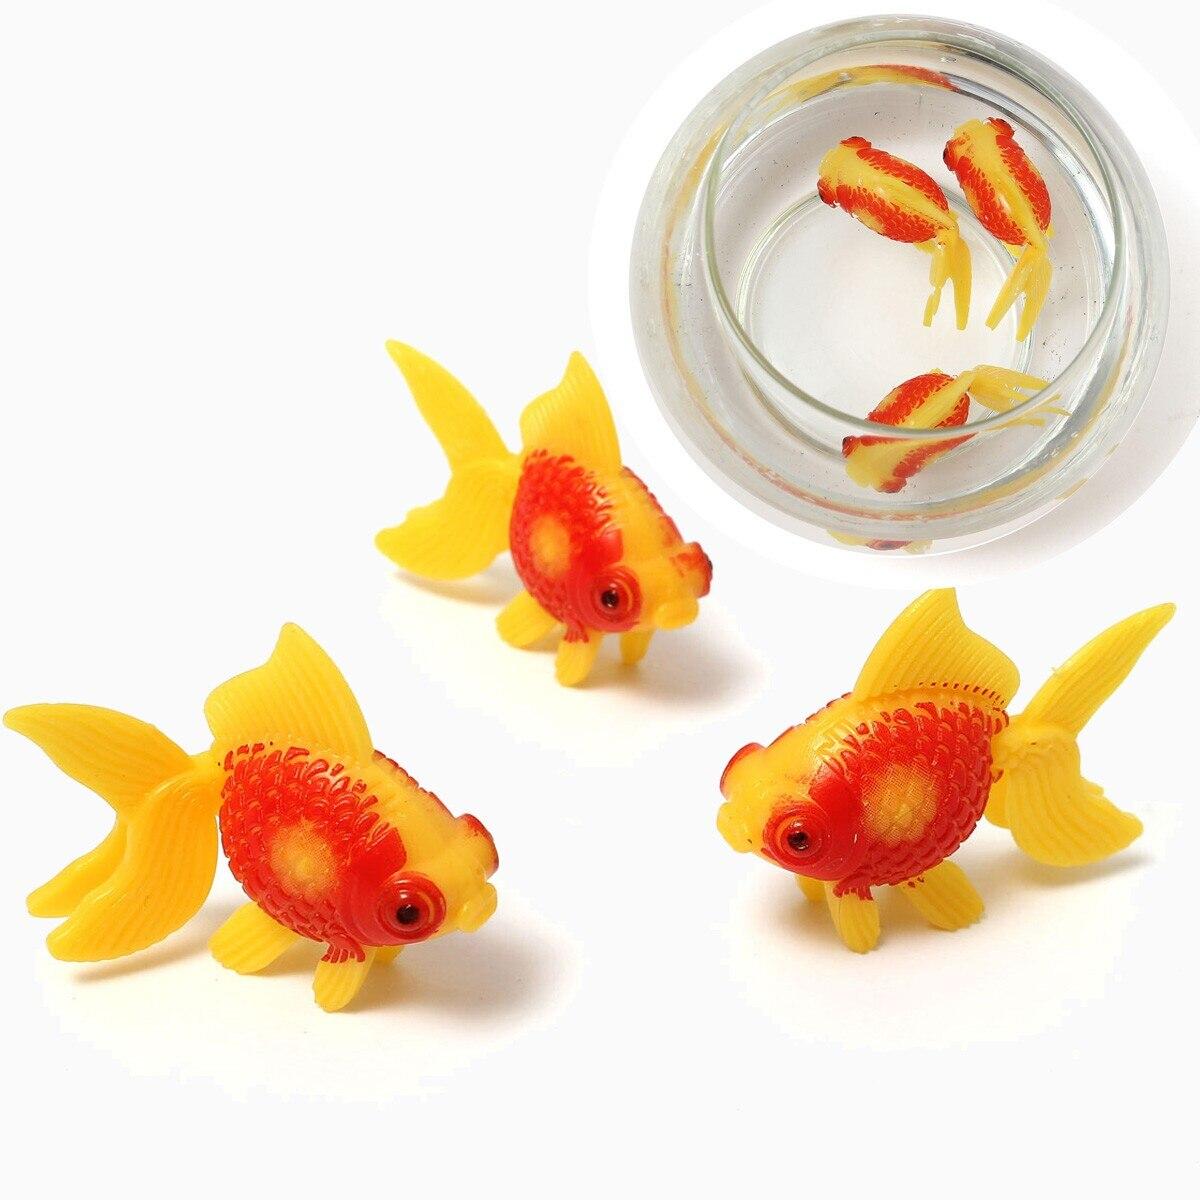 3PCS Plastic Swimming Home Decoration Fish Gold Fishes Tank Home Aquarium Decoration Fish Tank Ornament Decor Kids Fishing Toys